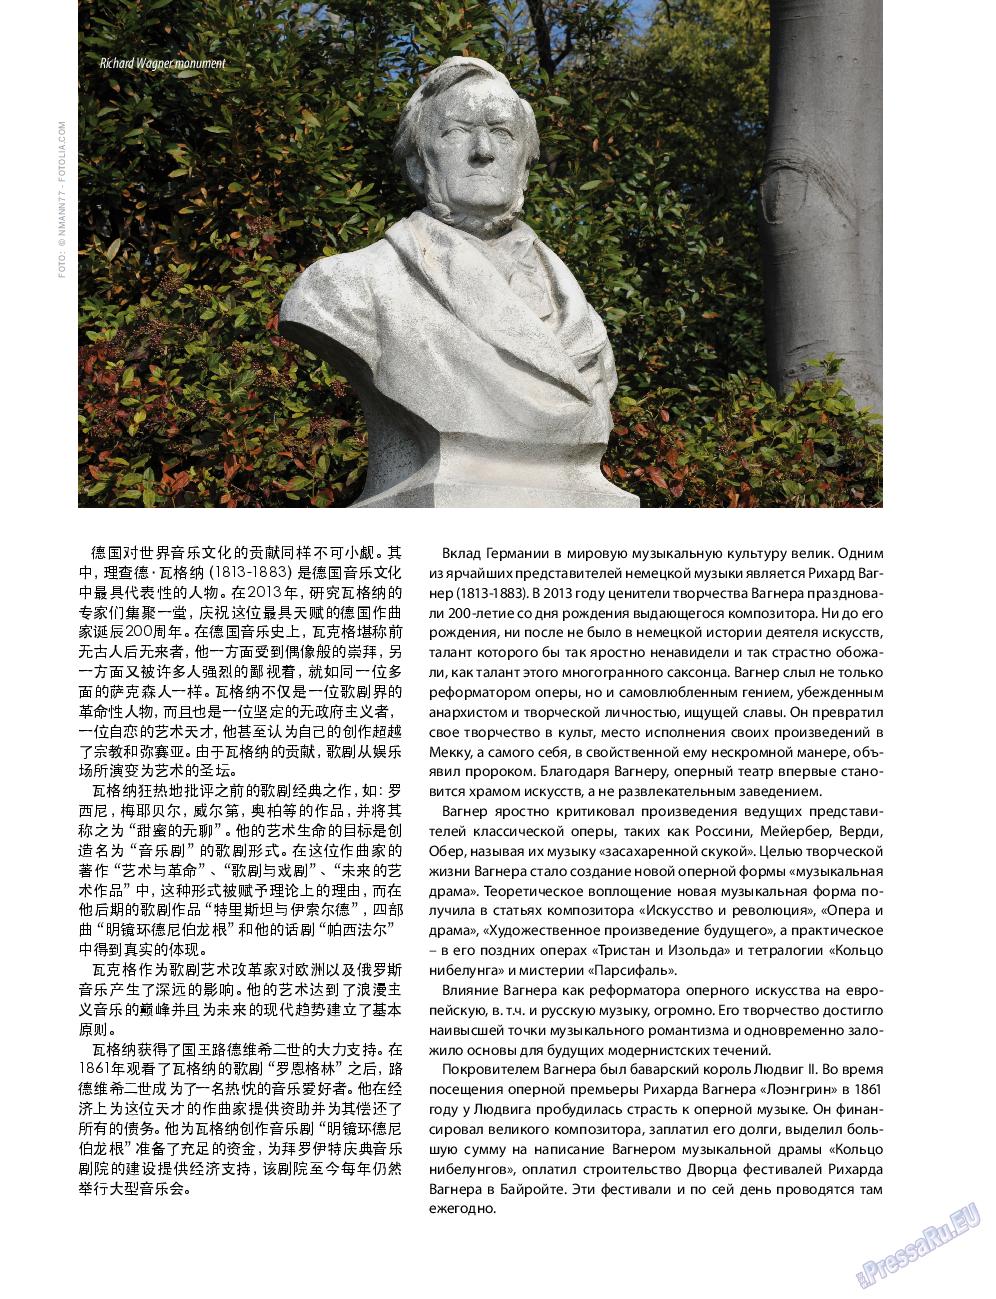 Клан (журнал). 2014 год, номер 7, стр. 56